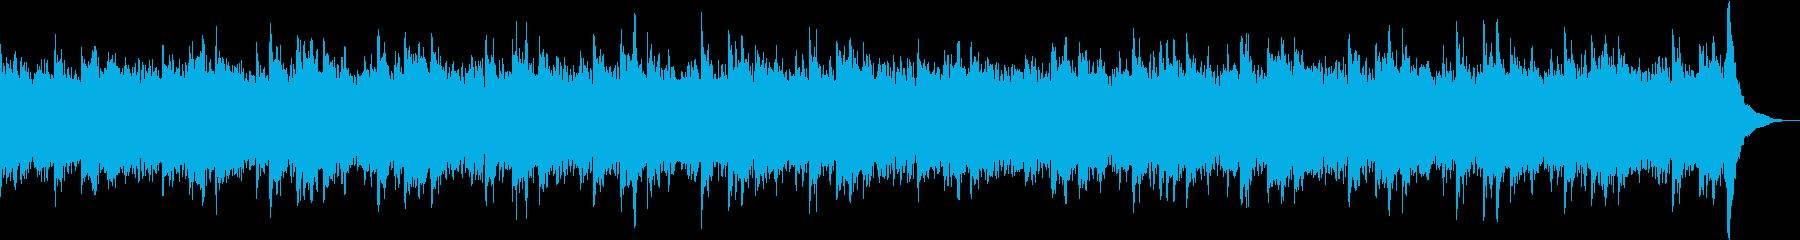 ピアノとストリングスの綺麗な曲の再生済みの波形